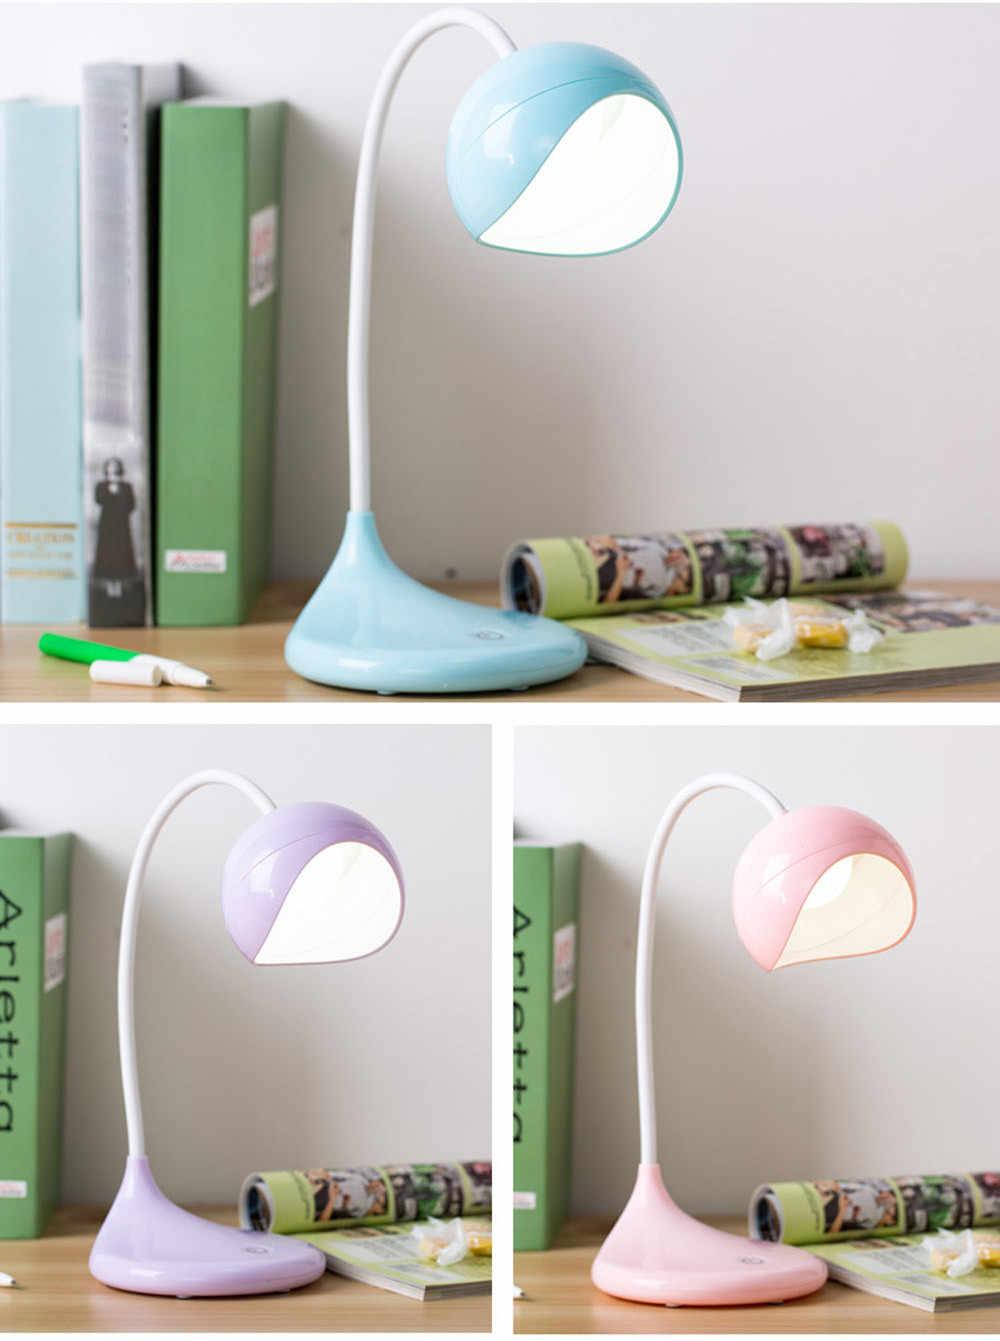 Новый светодиодный ночник Обезьяна Восхождение Entertaint платформа для пальца обезьяна анти-близорукость professional eye reading Lamp Hot 19MAR7